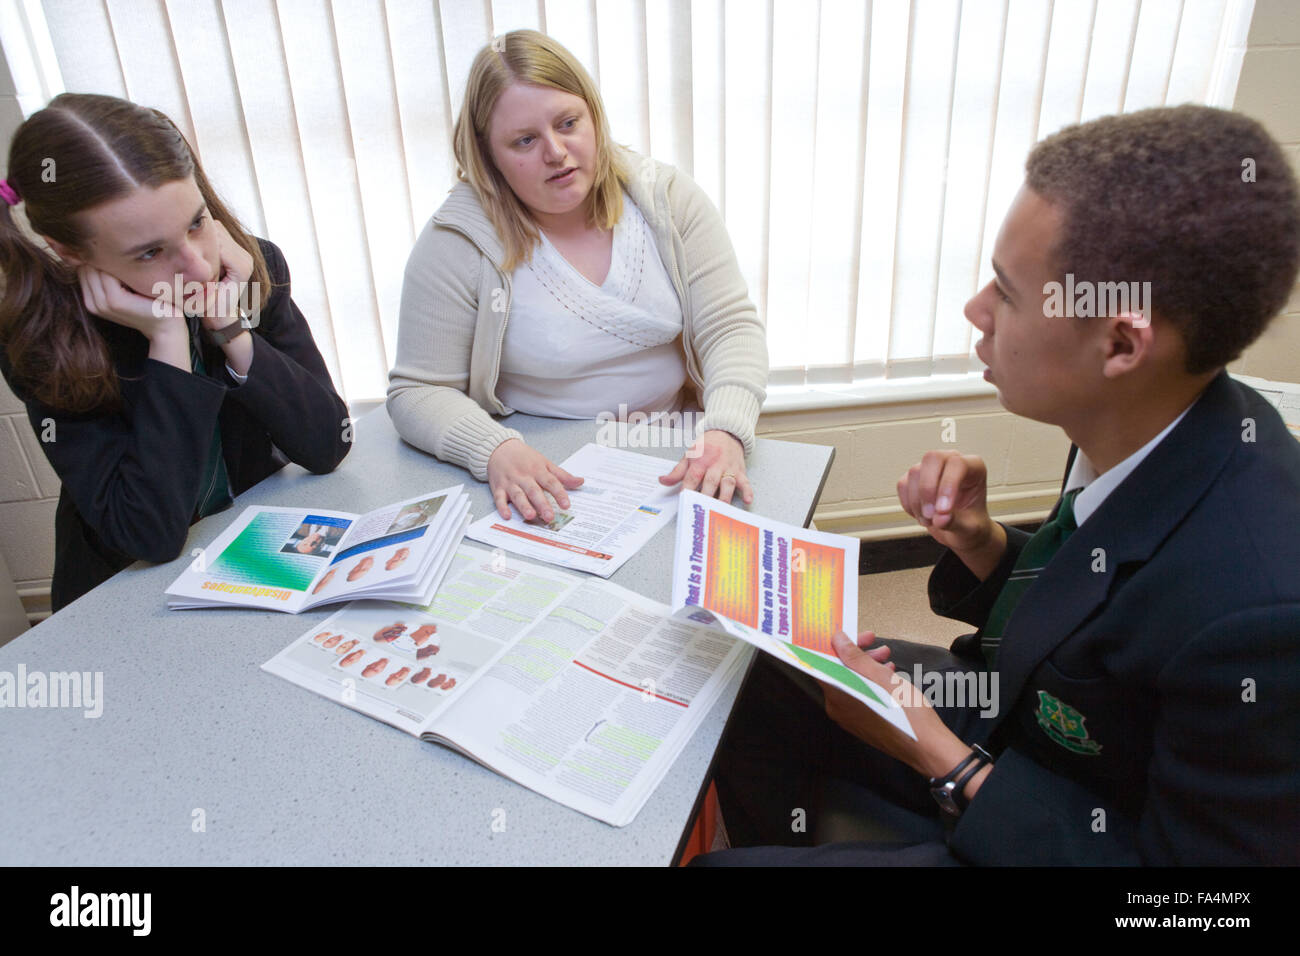 Profesor de secundaria en la discusión con los alumnos durante una lección de biología Imagen De Stock